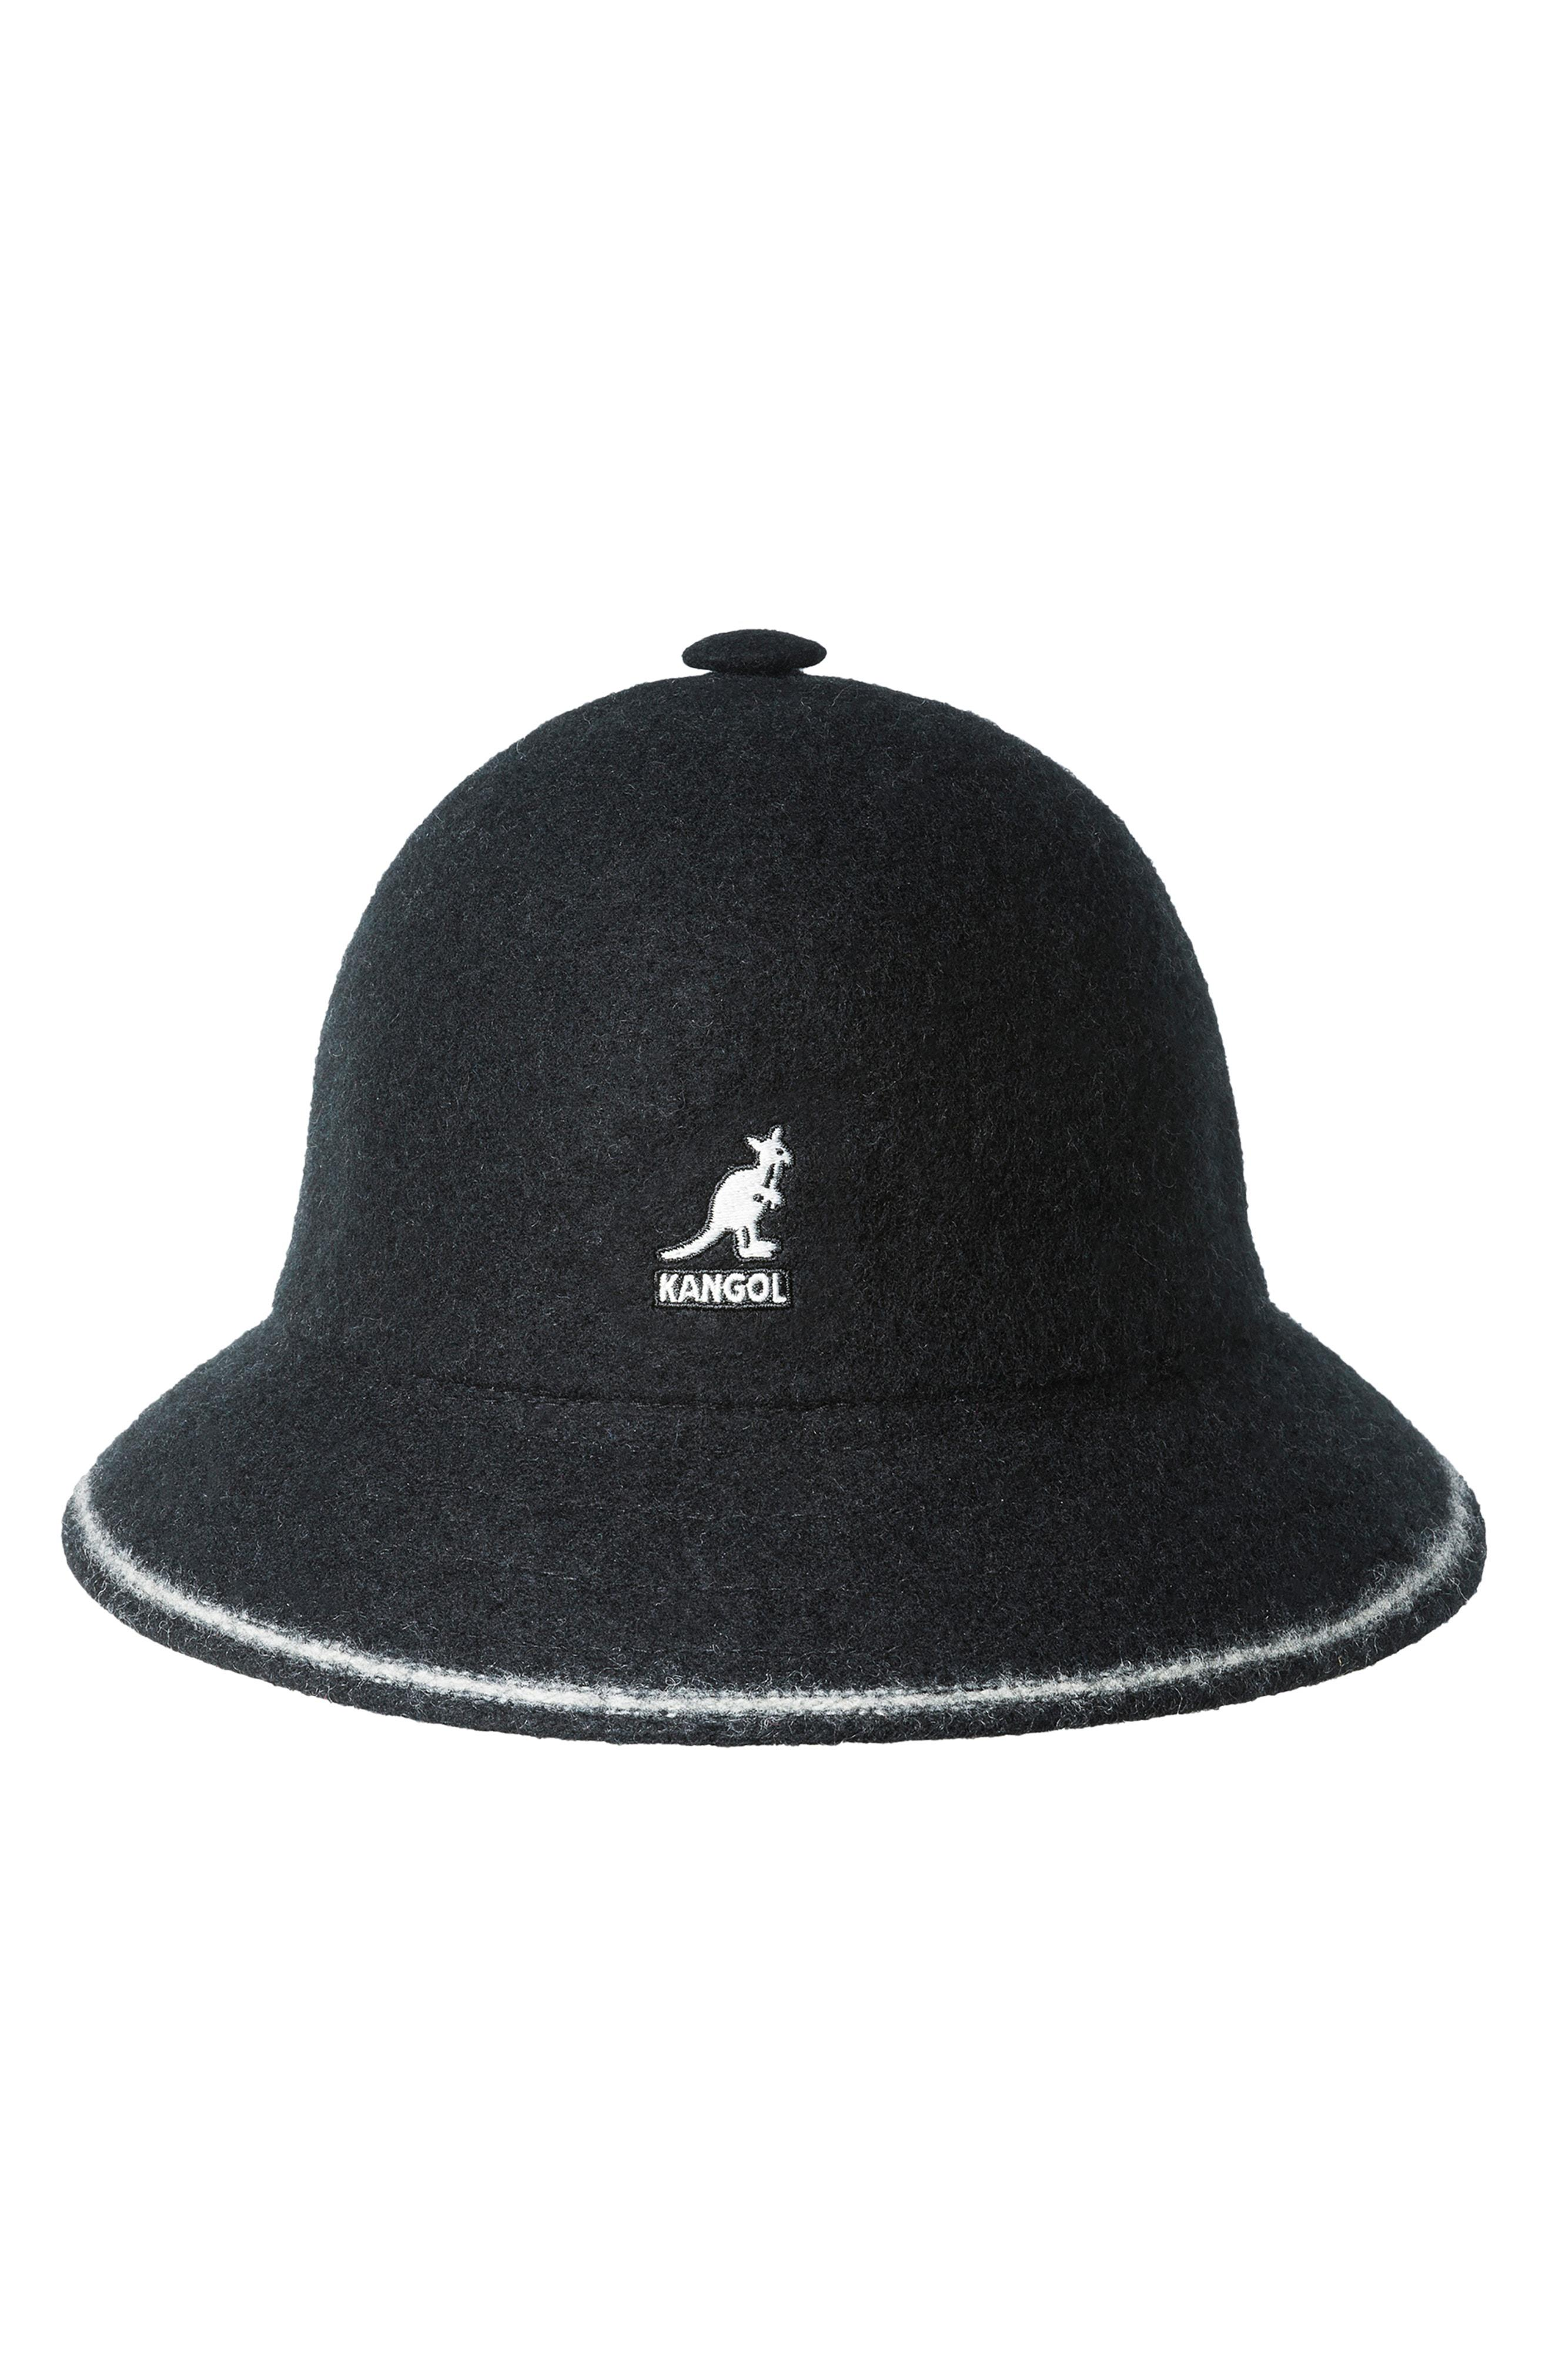 85e5d42555f0 Lyst - Kangol Cloche Hat in Black